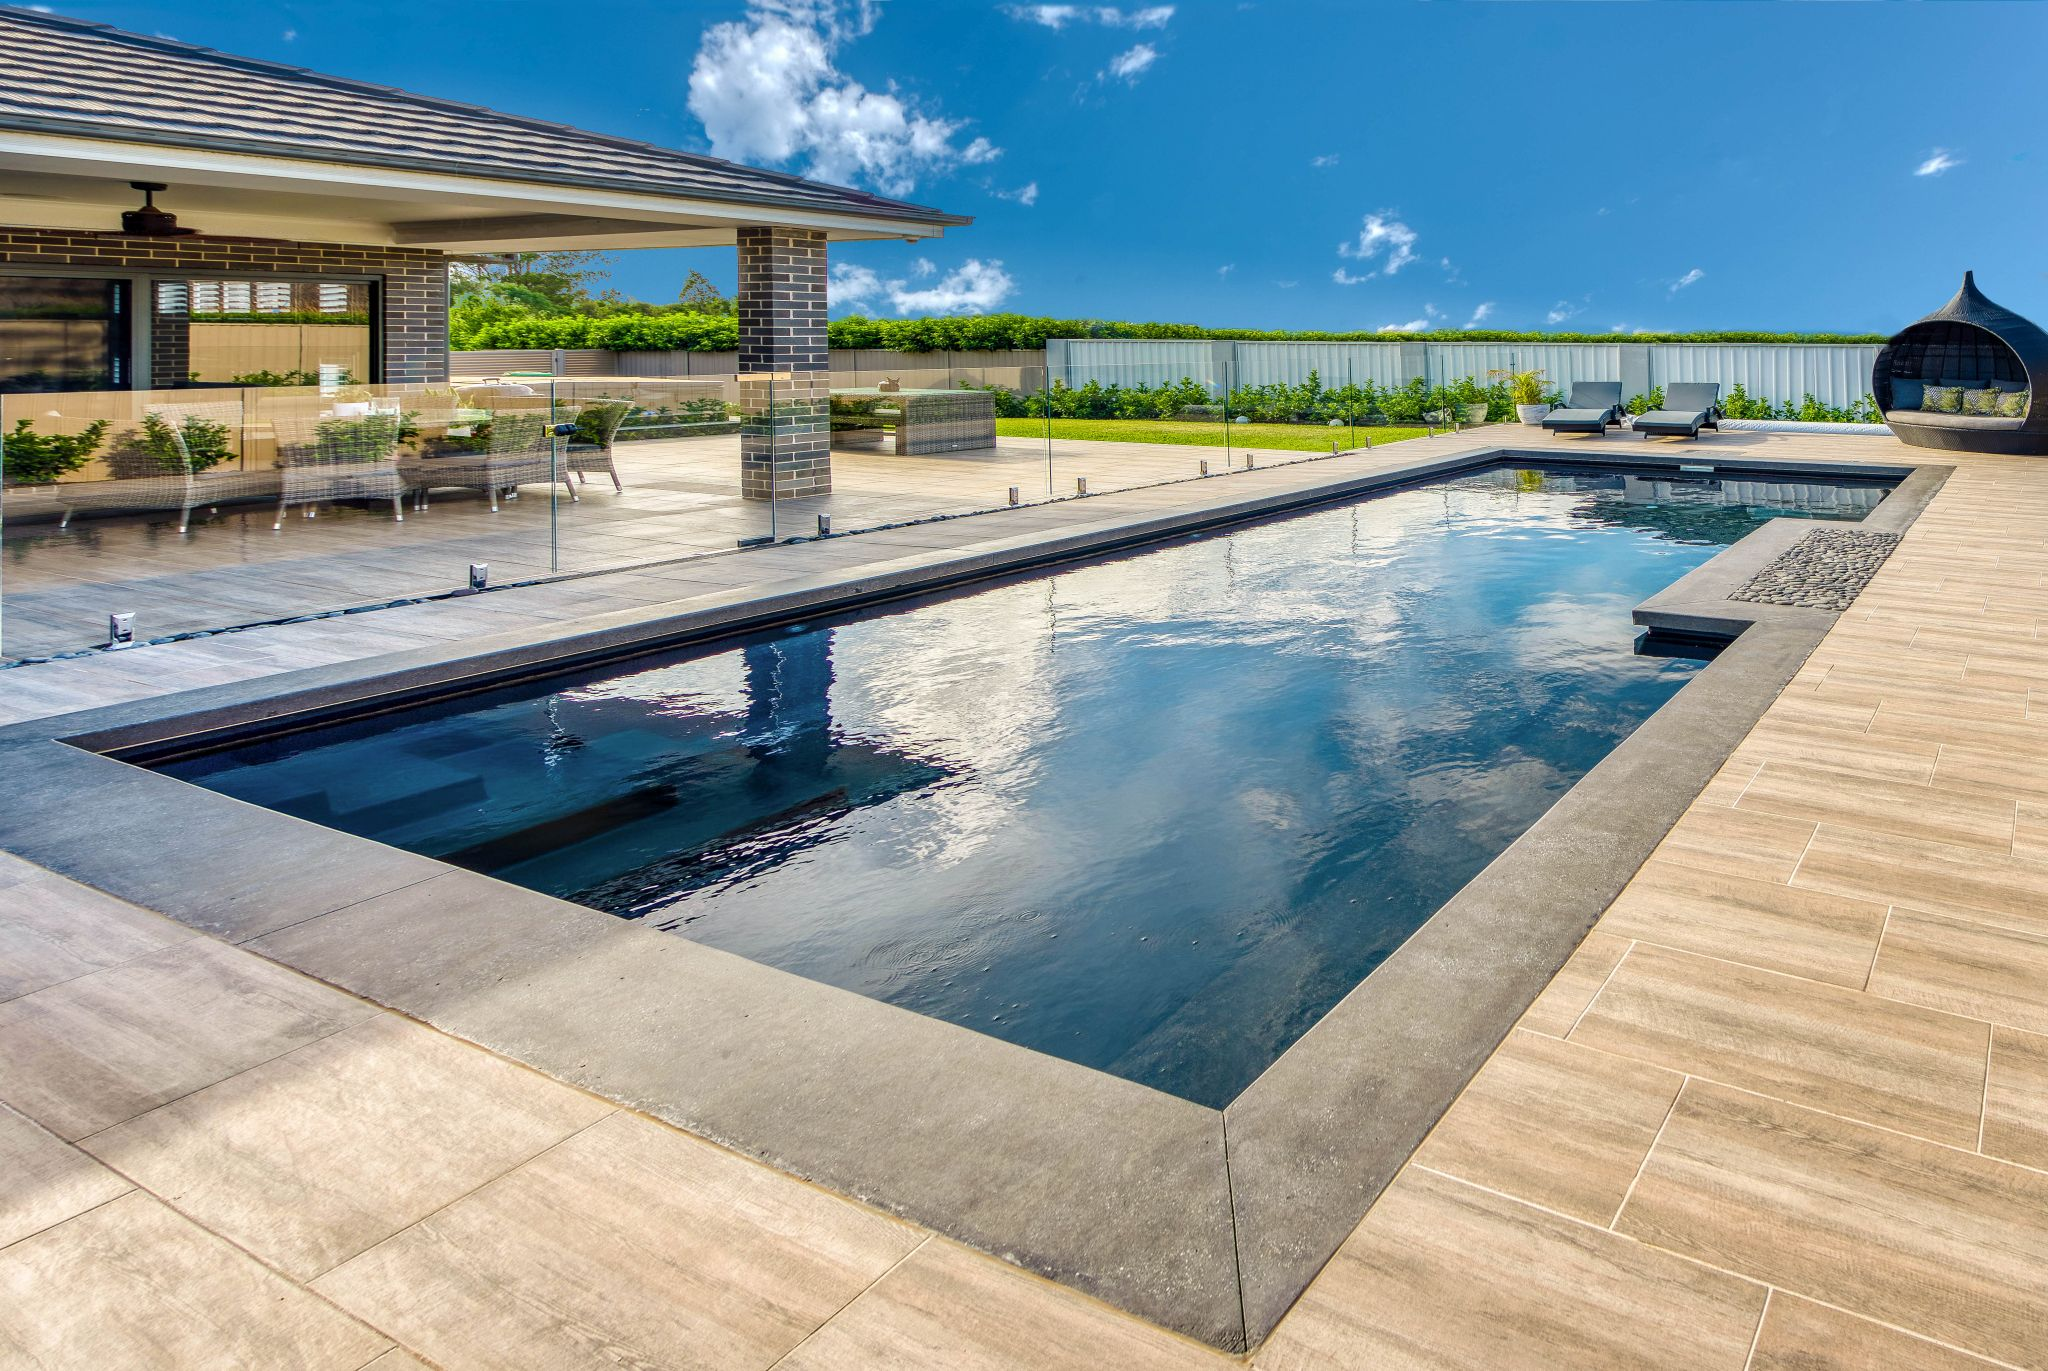 Serenity pool design in platinum quartz colour